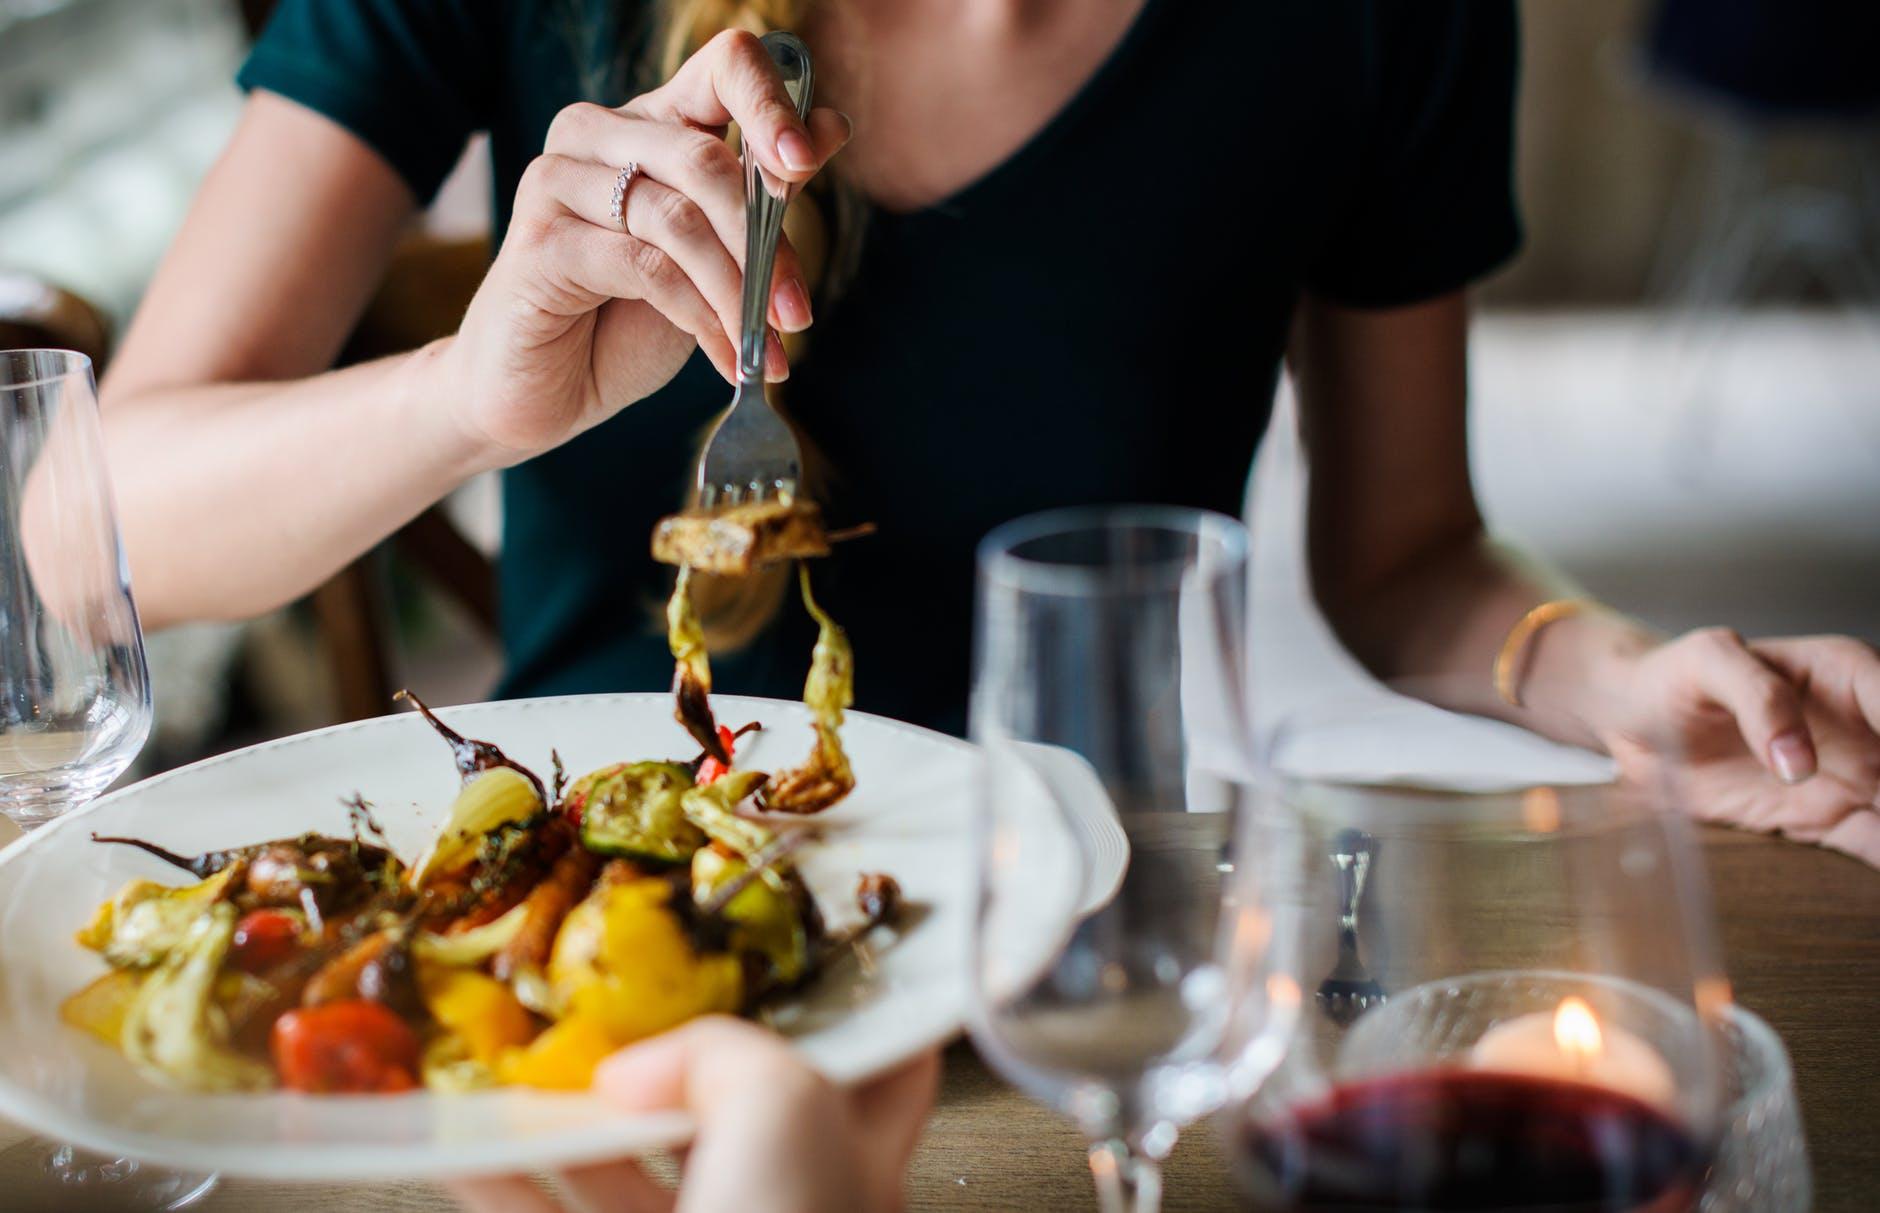 tervislik dieet